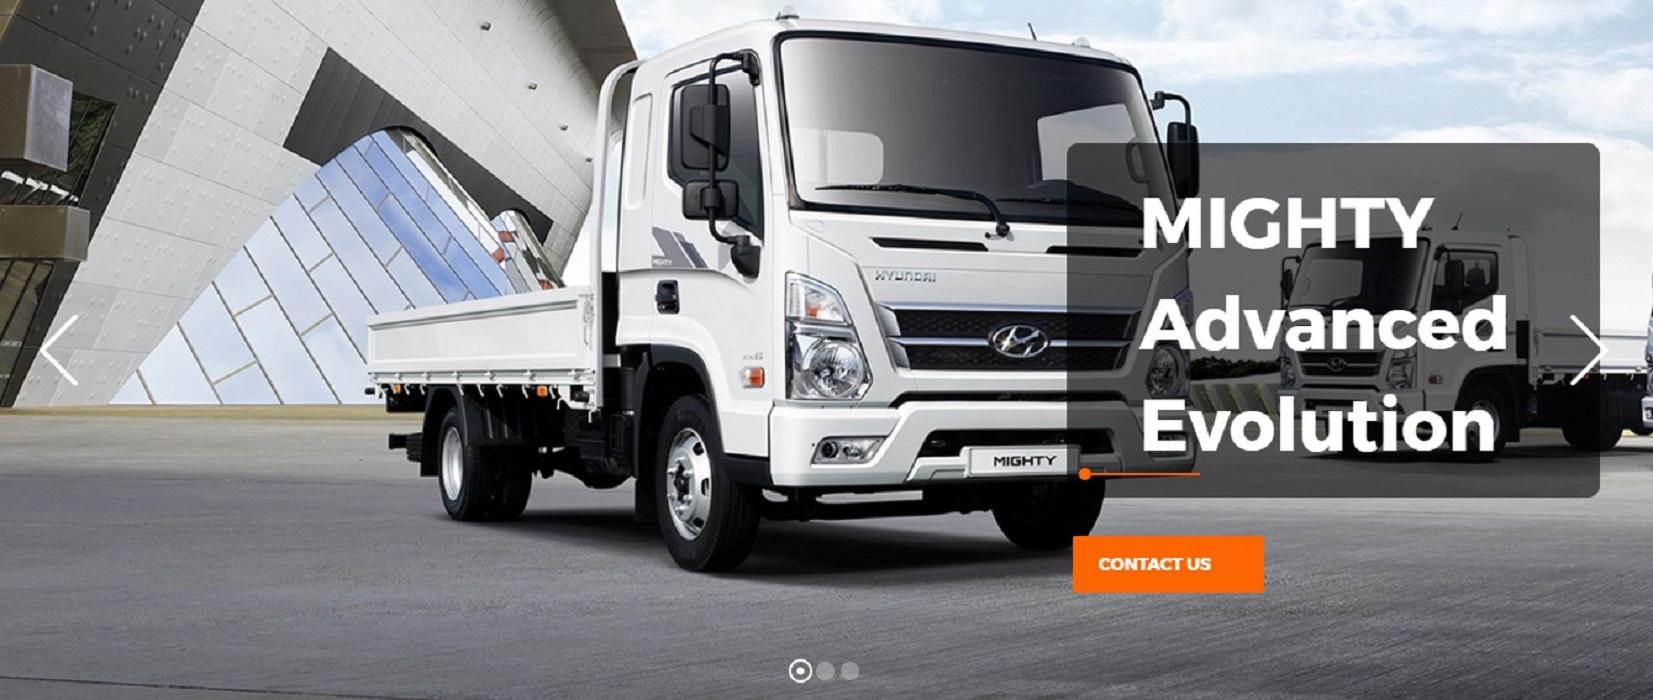 AD-Hyundai